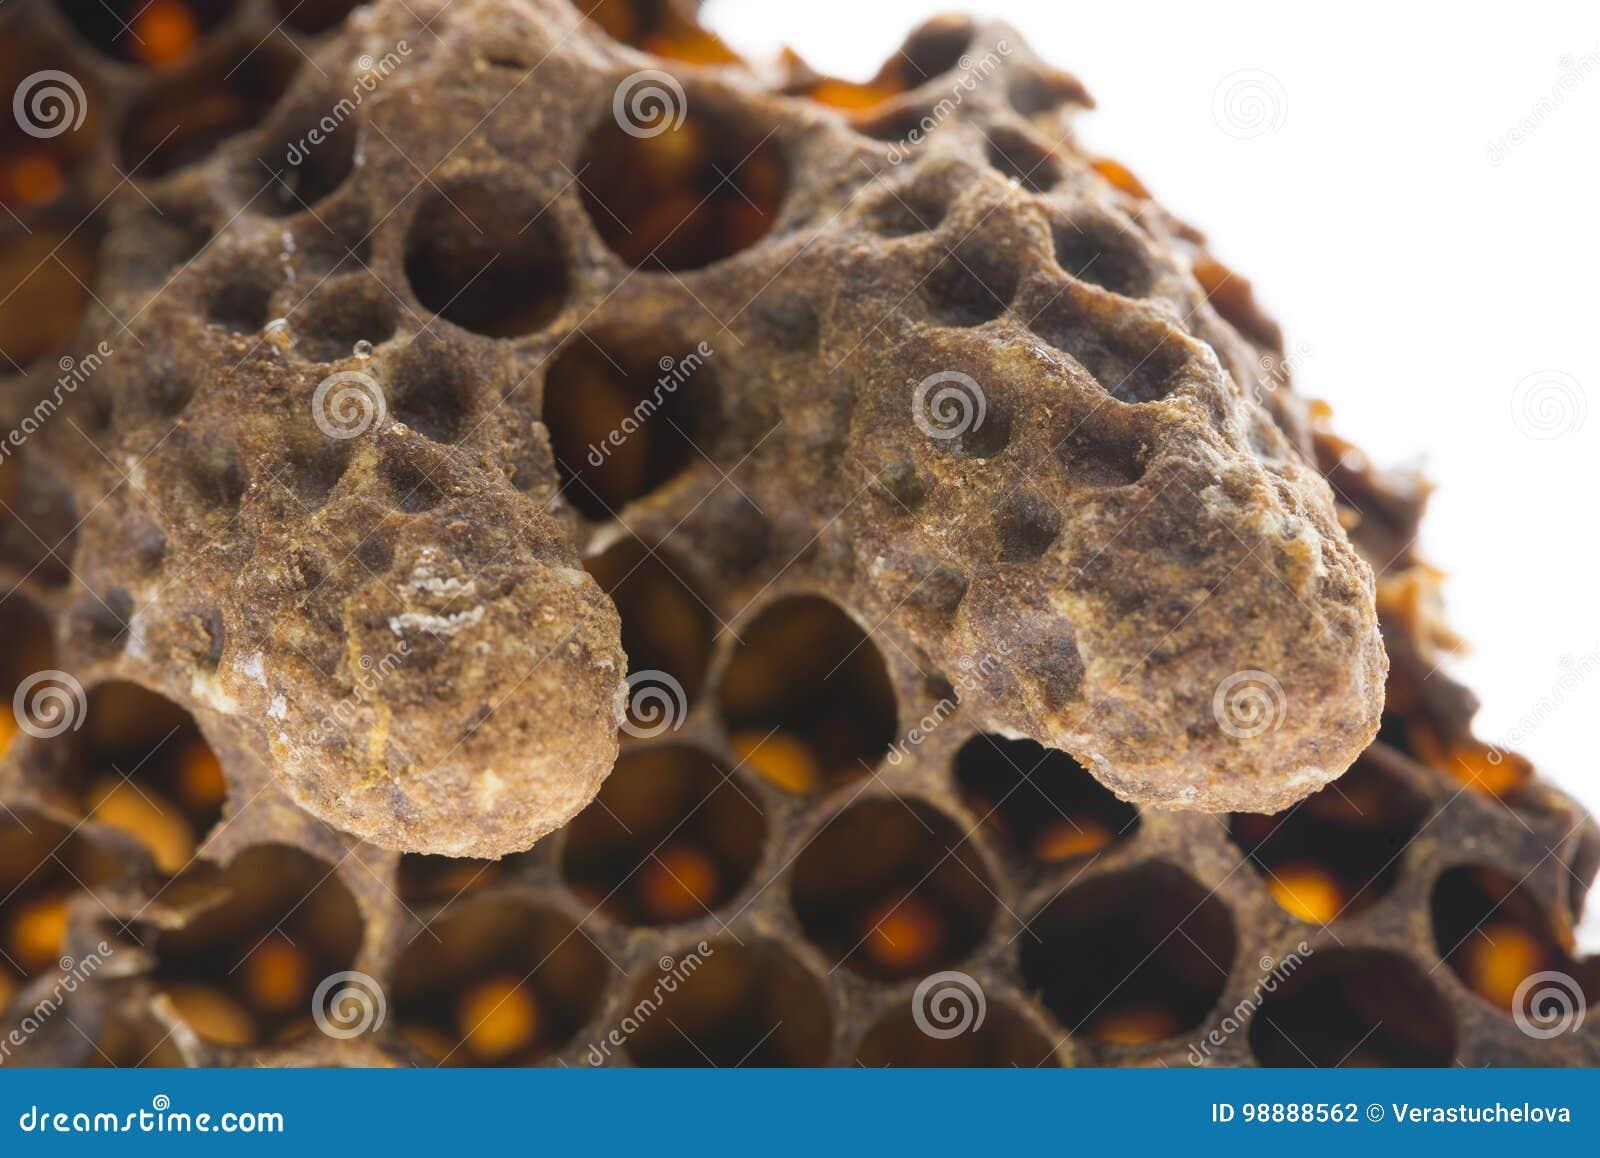 Κύτταρα βασίλισσας σμήνων, κύτταρα βασίλισσας έκτακτης ανάγκης, τεχνητά κύτταρα βασίλισσας με τις βασίλισσες μελισσών